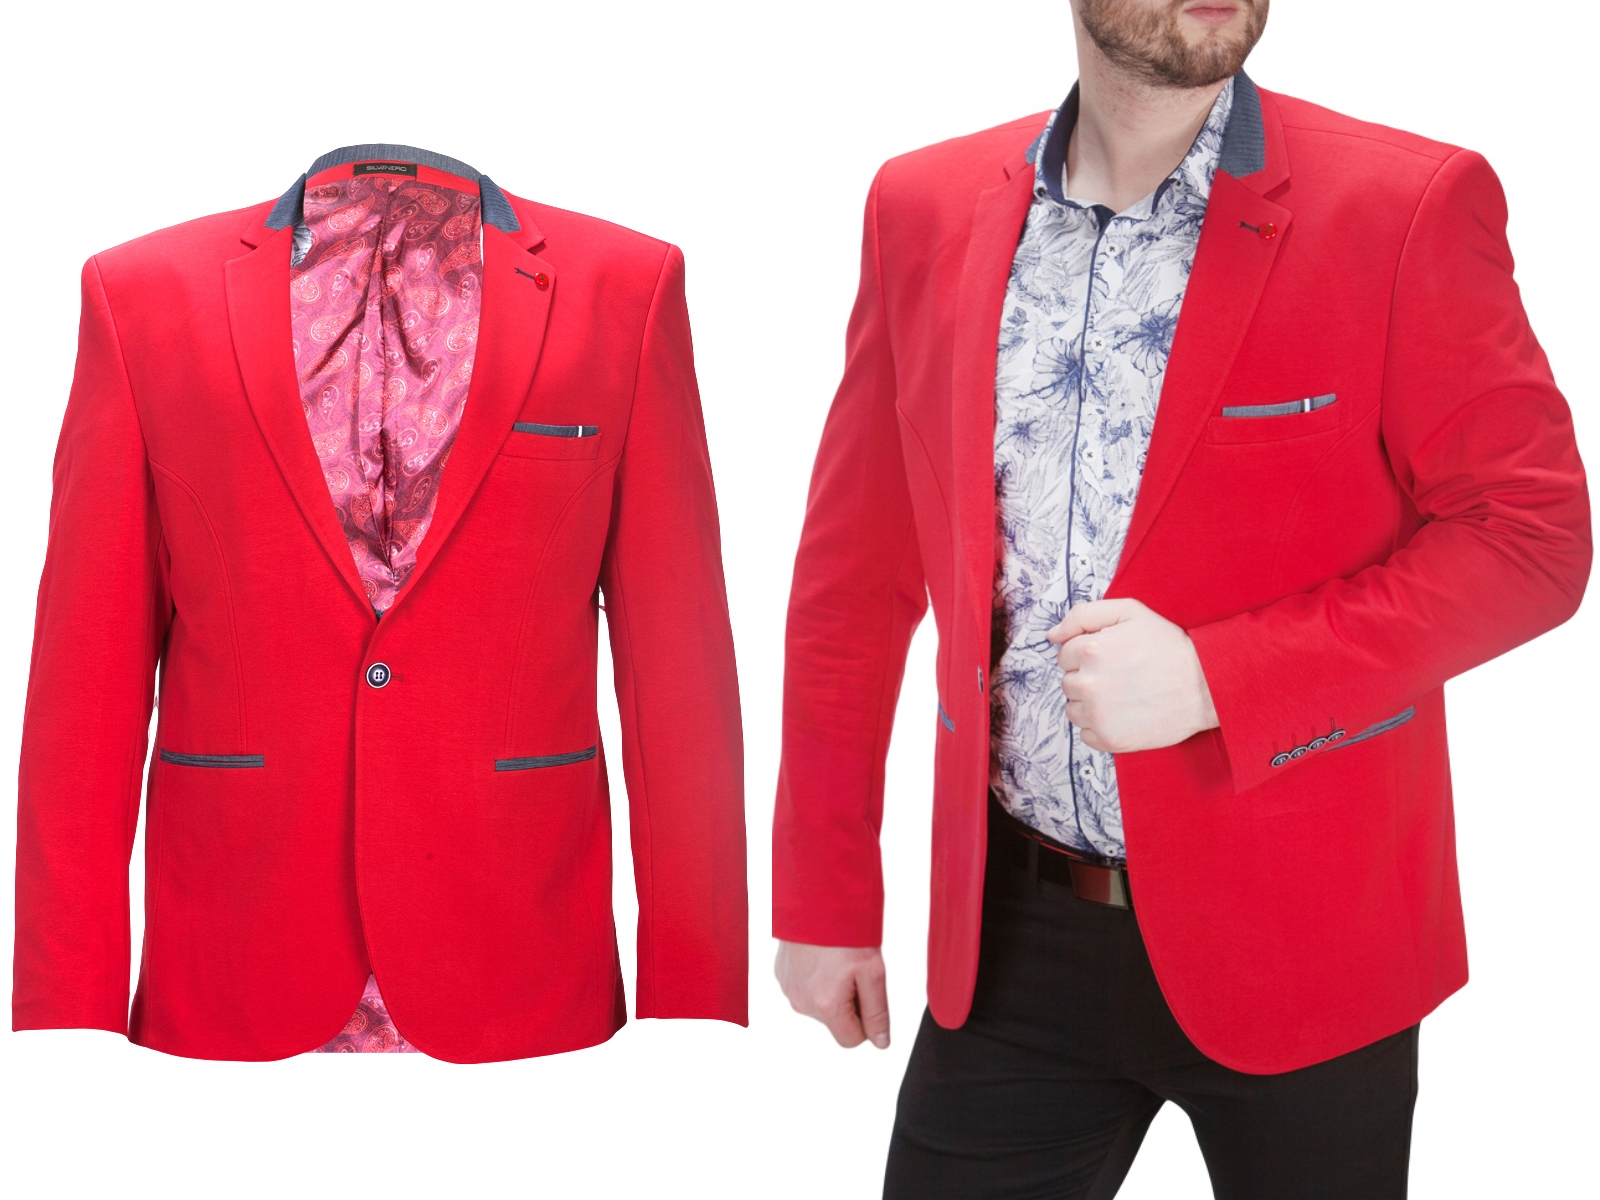 48703706558f3 Marynarka męska czerwona 3300 fashionmen2 rozm. 60 - 7289874839 ...